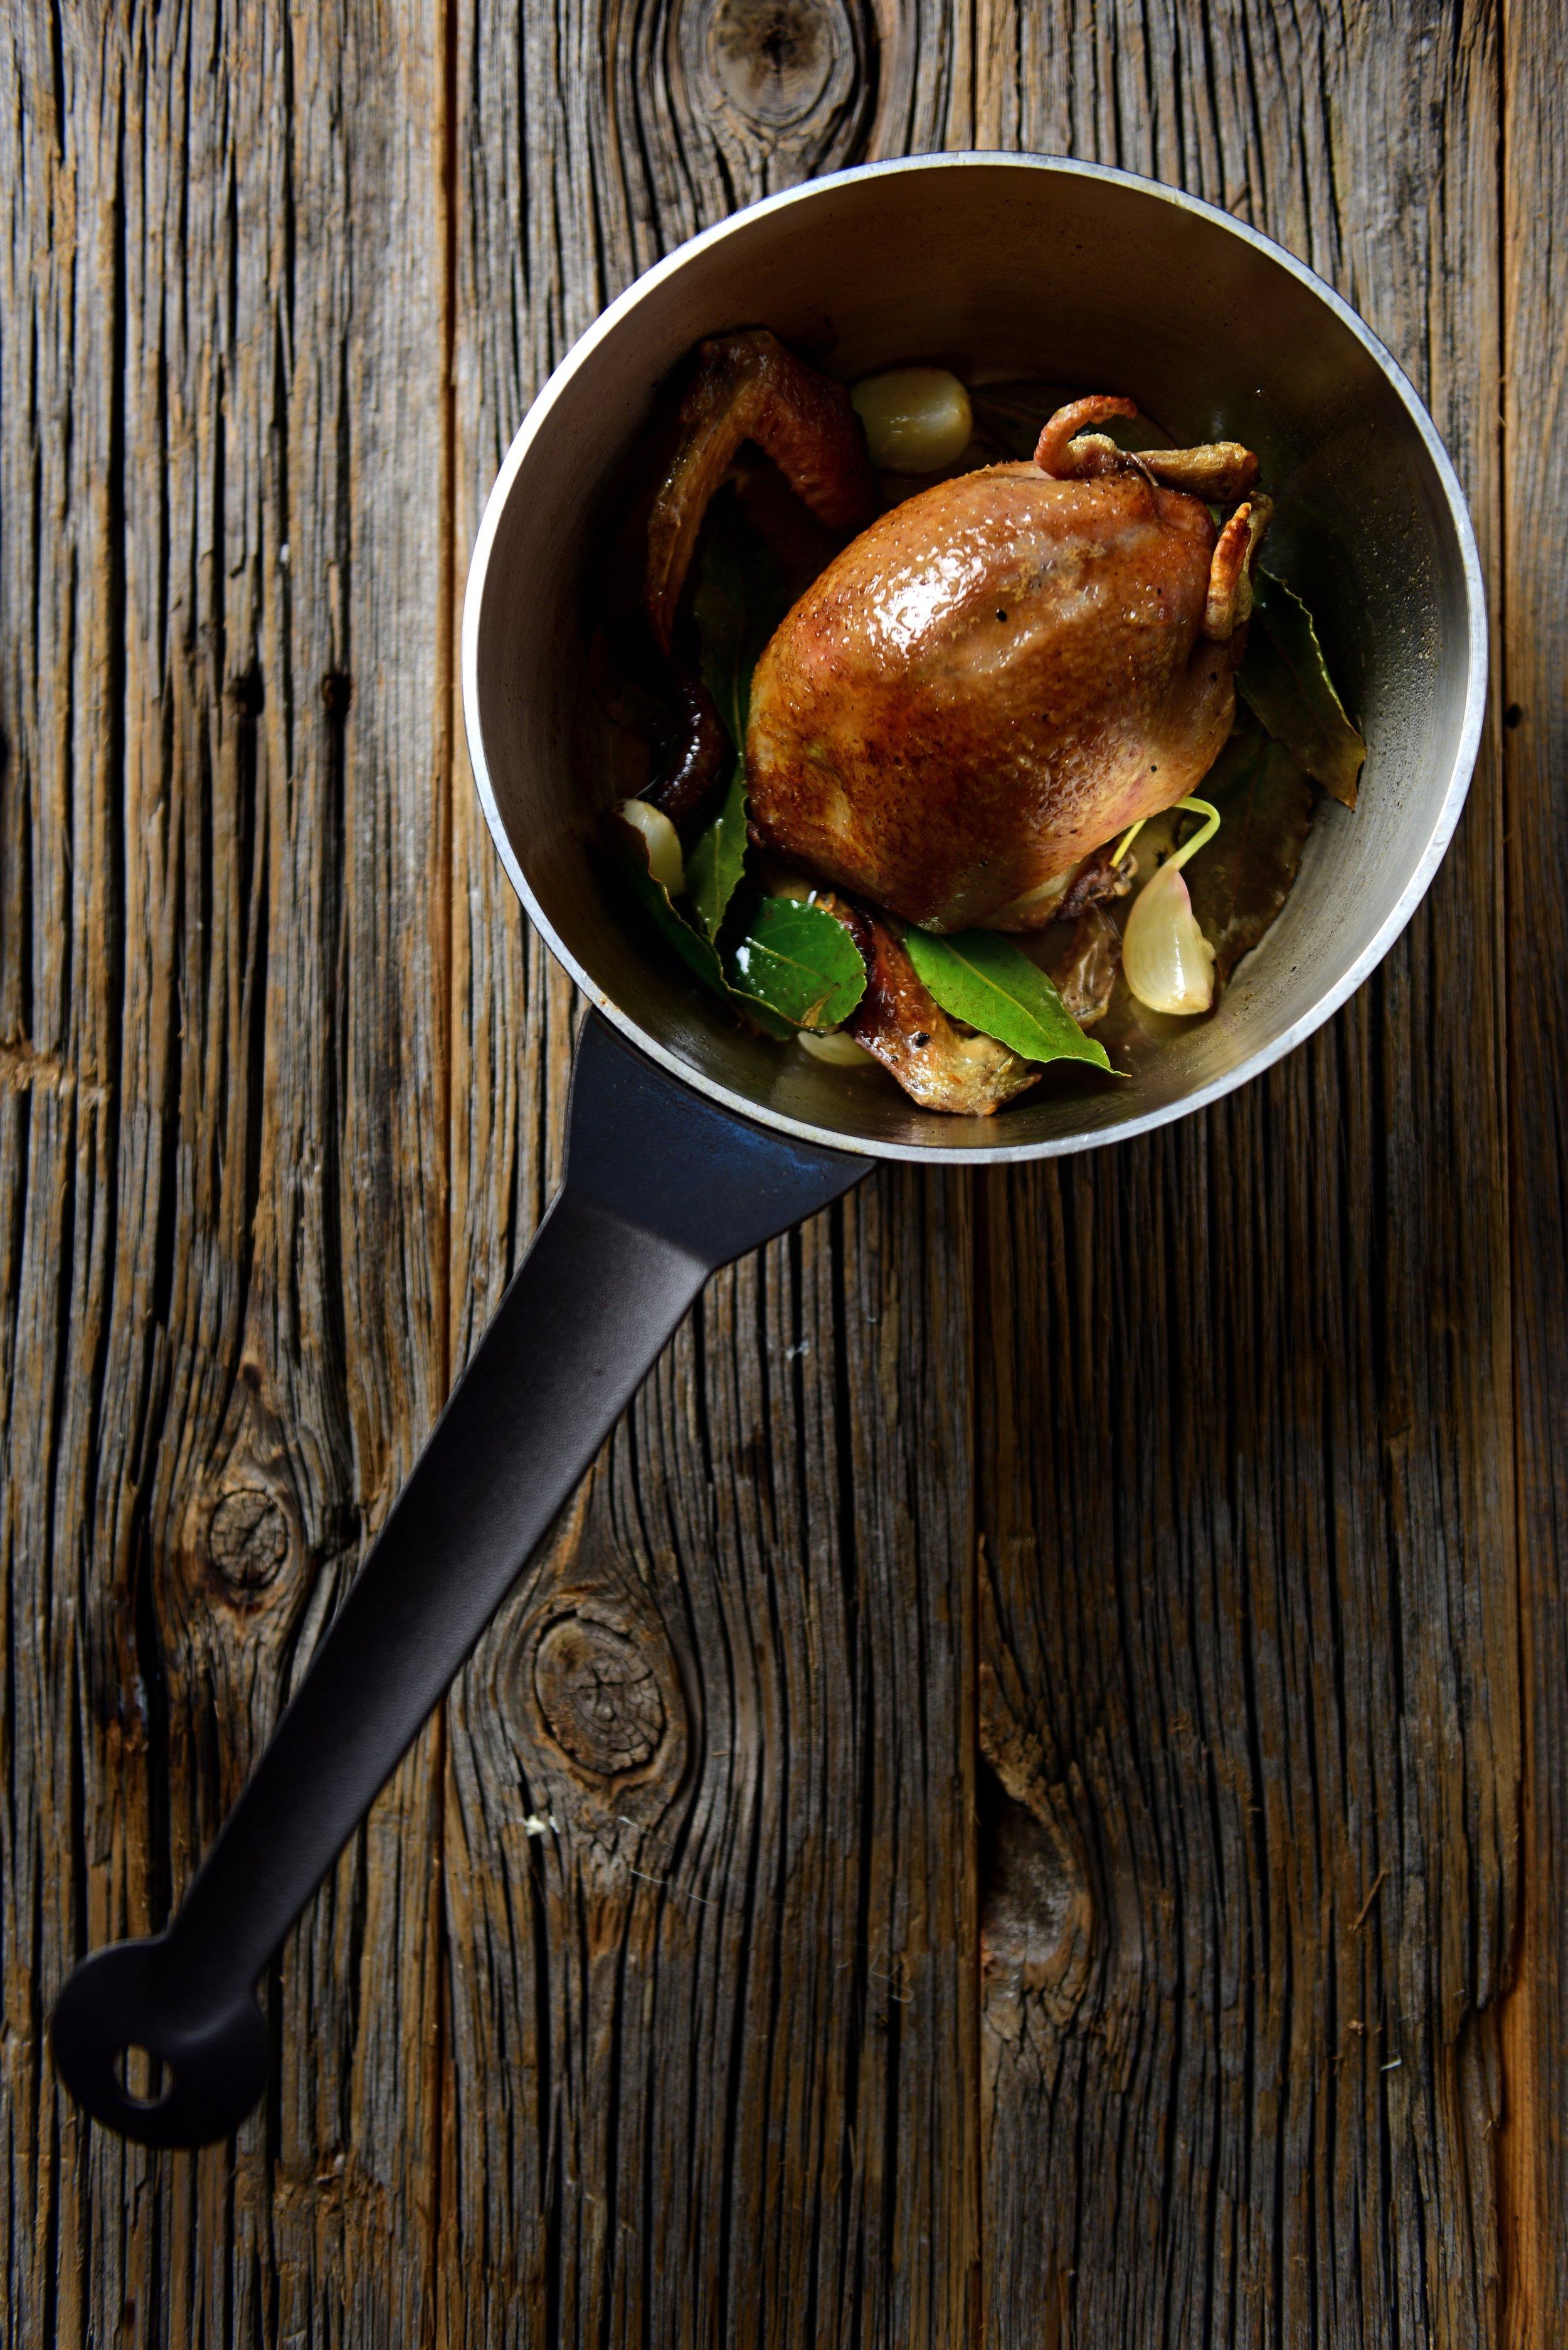 12 couvert couvert leuven culinair gastronomische restaurant bart albrecht fotograaf food foodfotograaf tablefever online reserveren.jpg